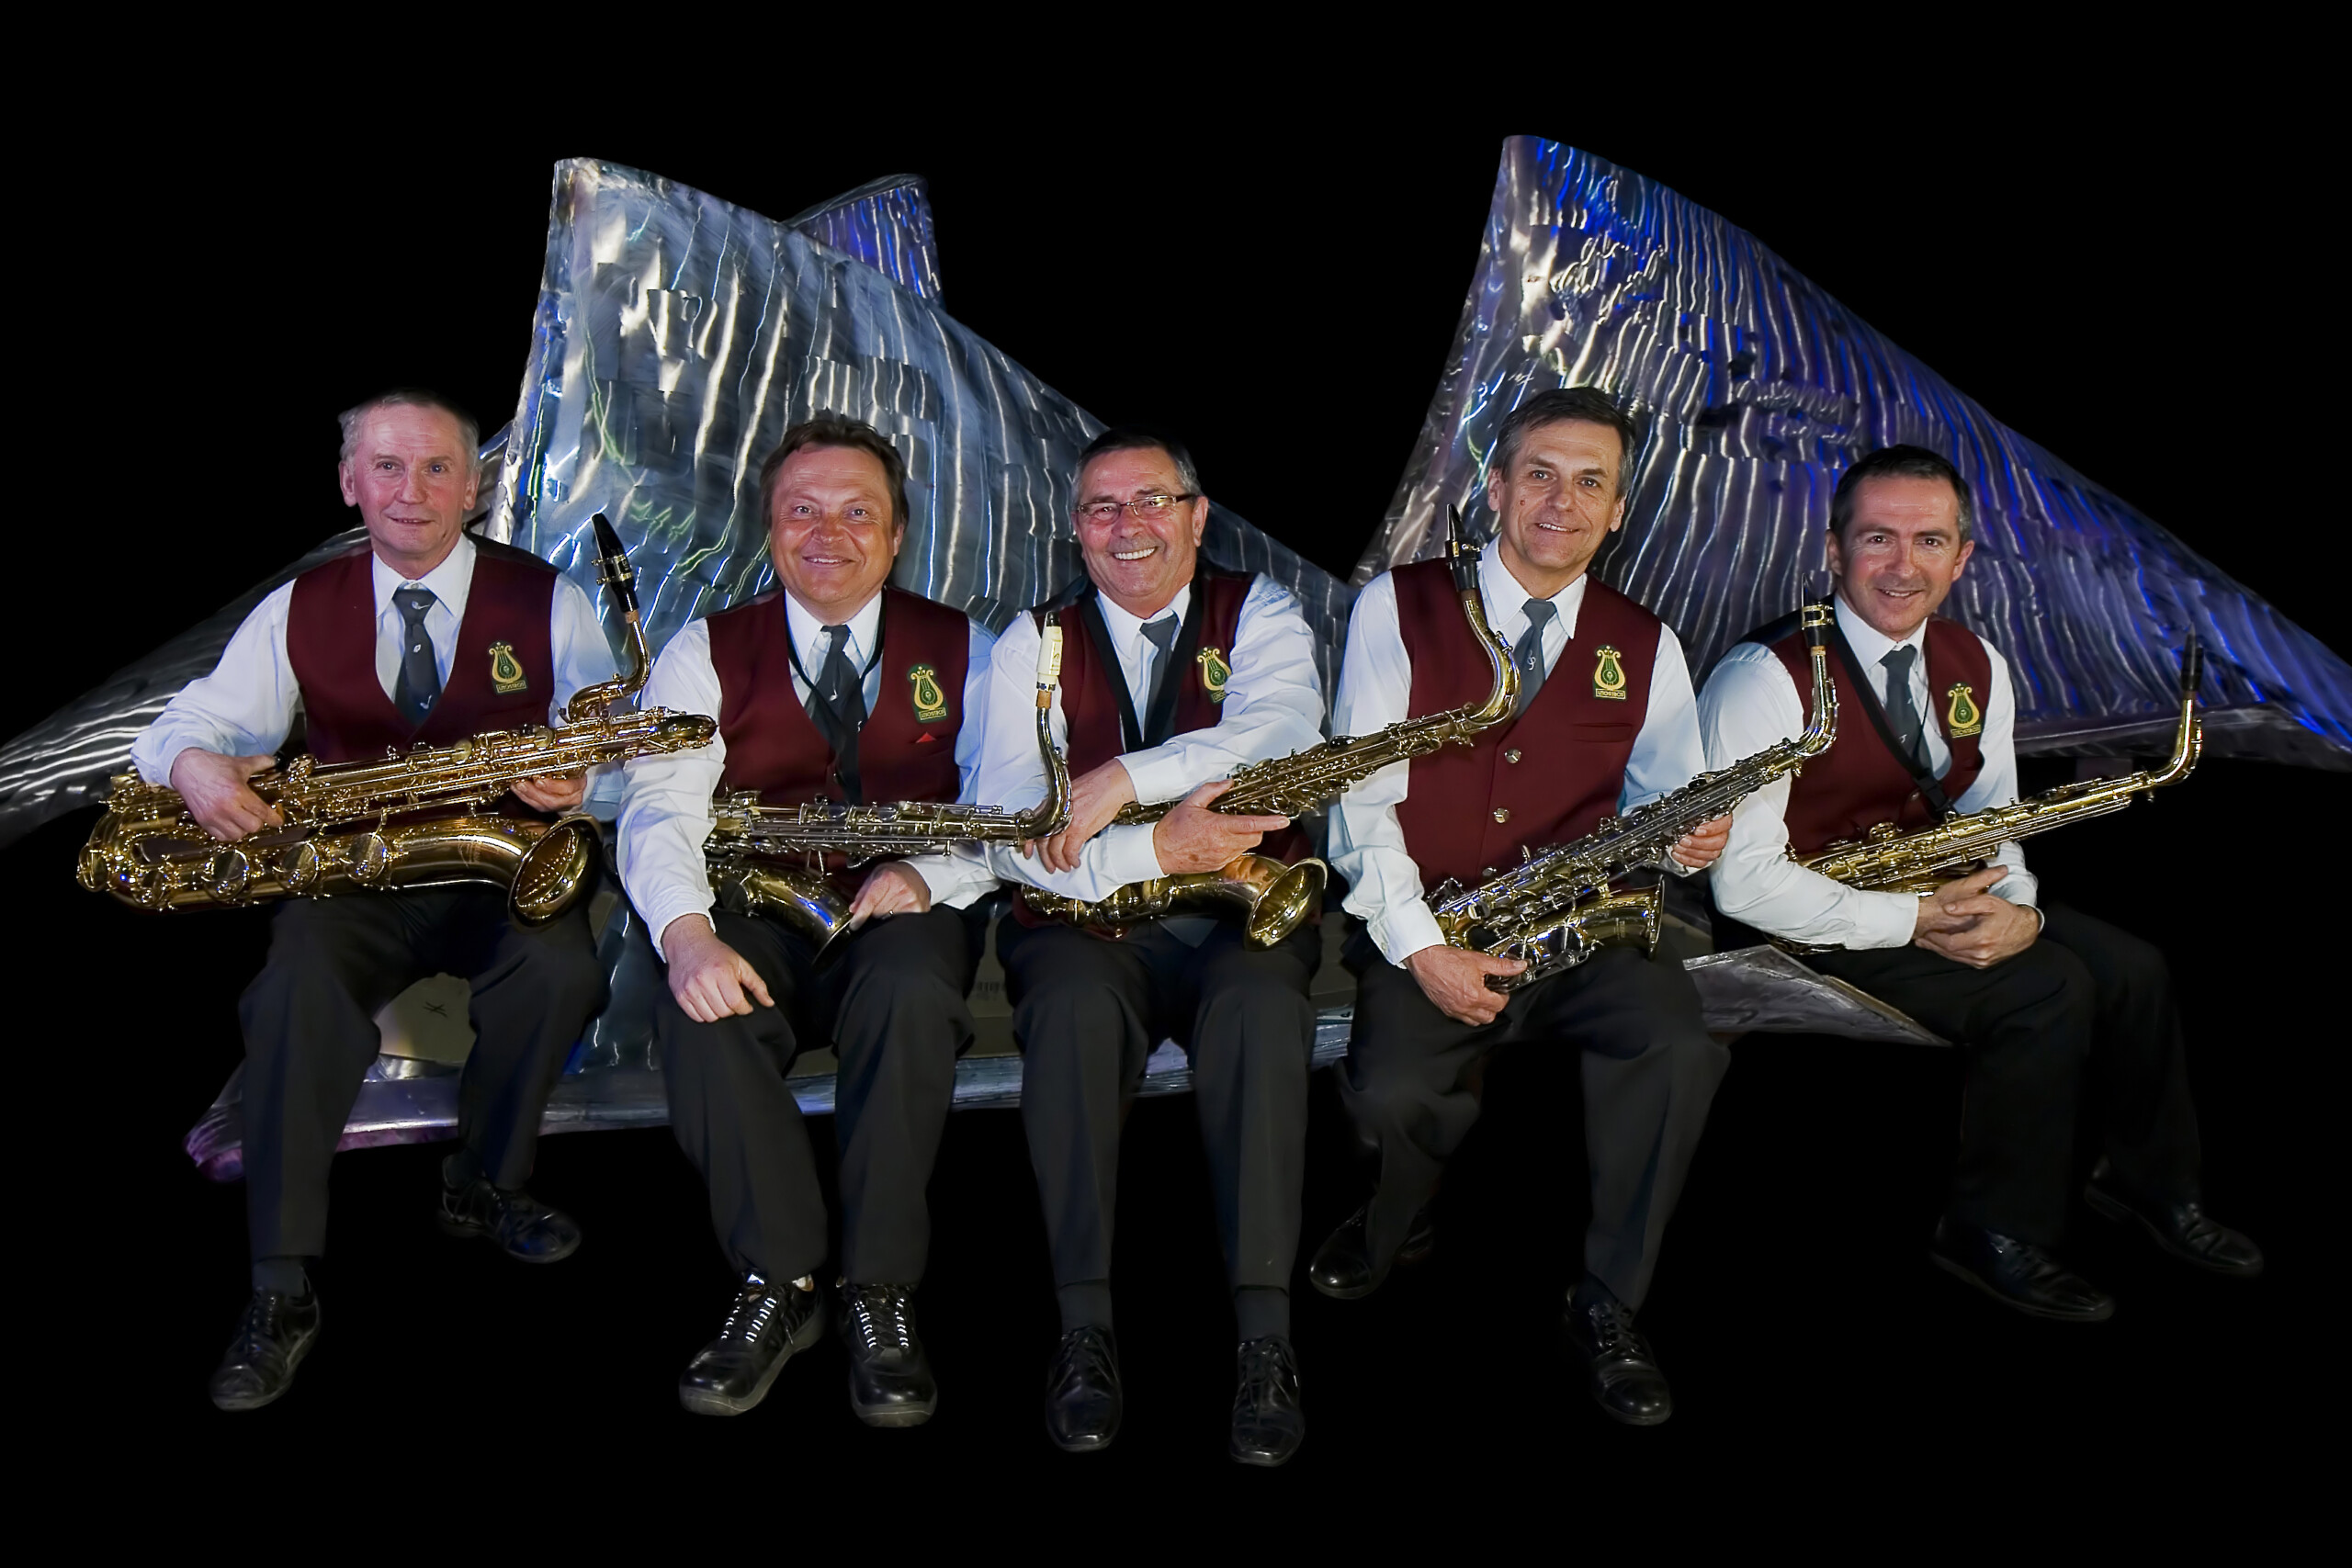 Sekcija saksofonov leta 2010